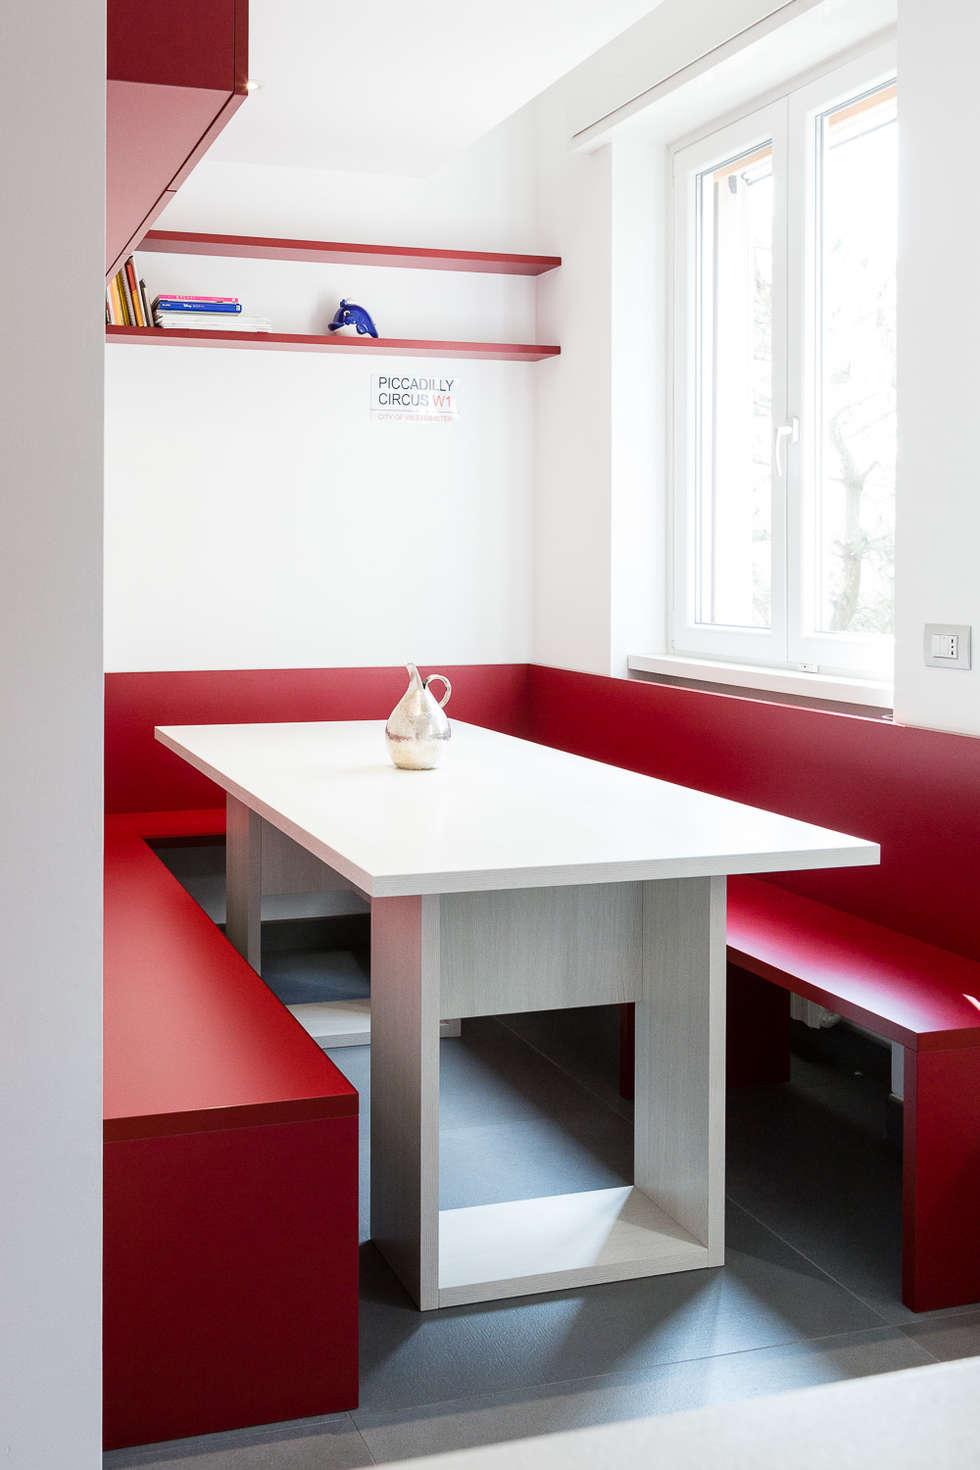 Five little pigs - Un casa per tanti bambini: Cucina in stile in stile Moderno di 23bassi studio di architettura